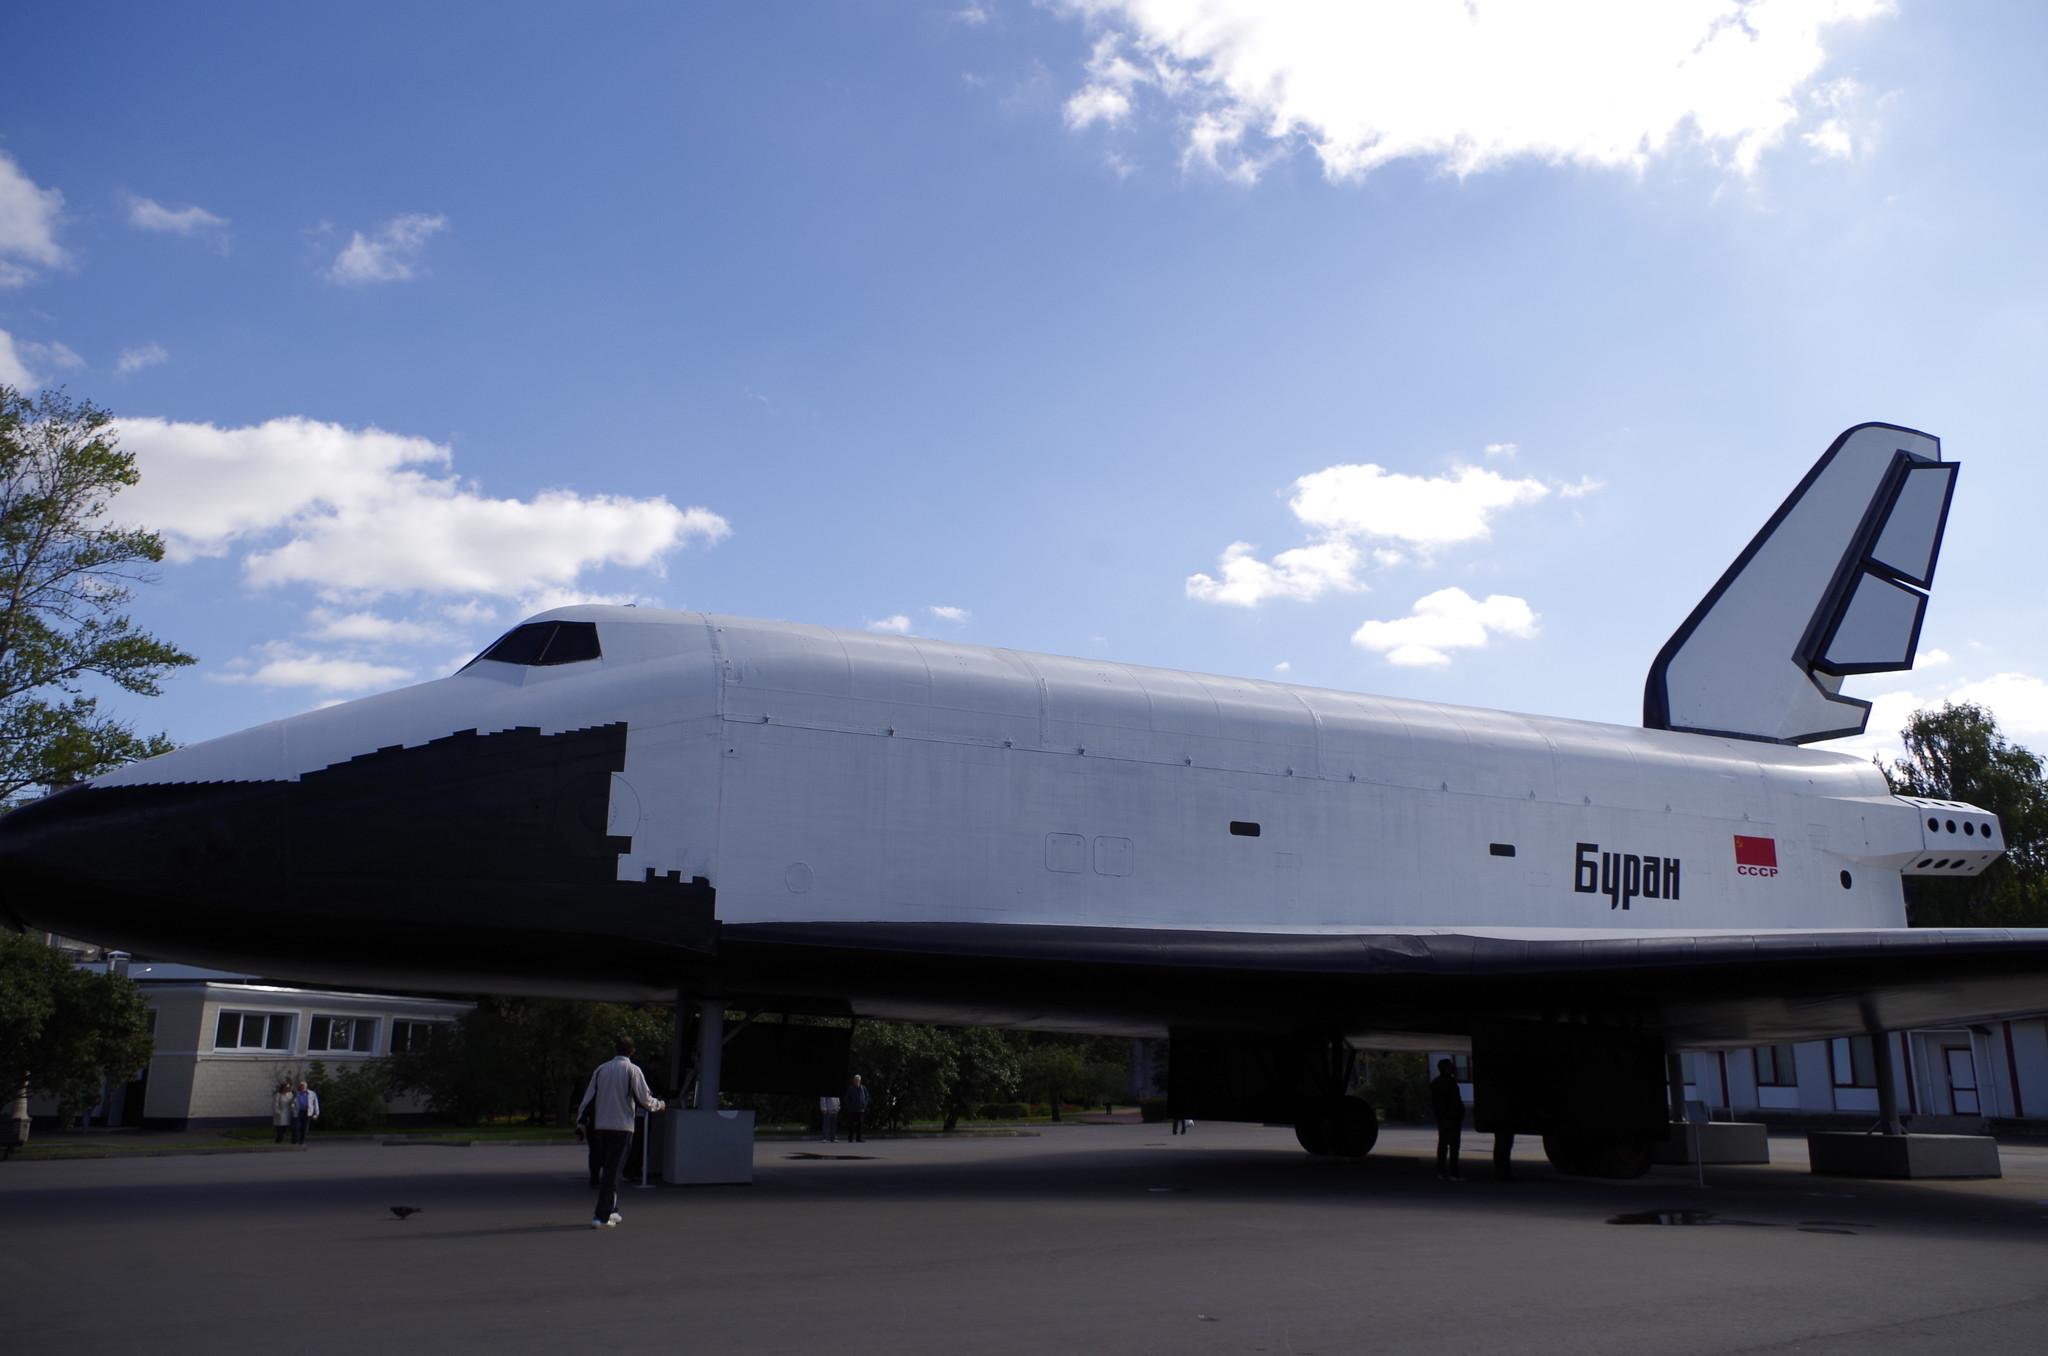 Макет космического корабля многоразового использования «Буран» на ВДНХ